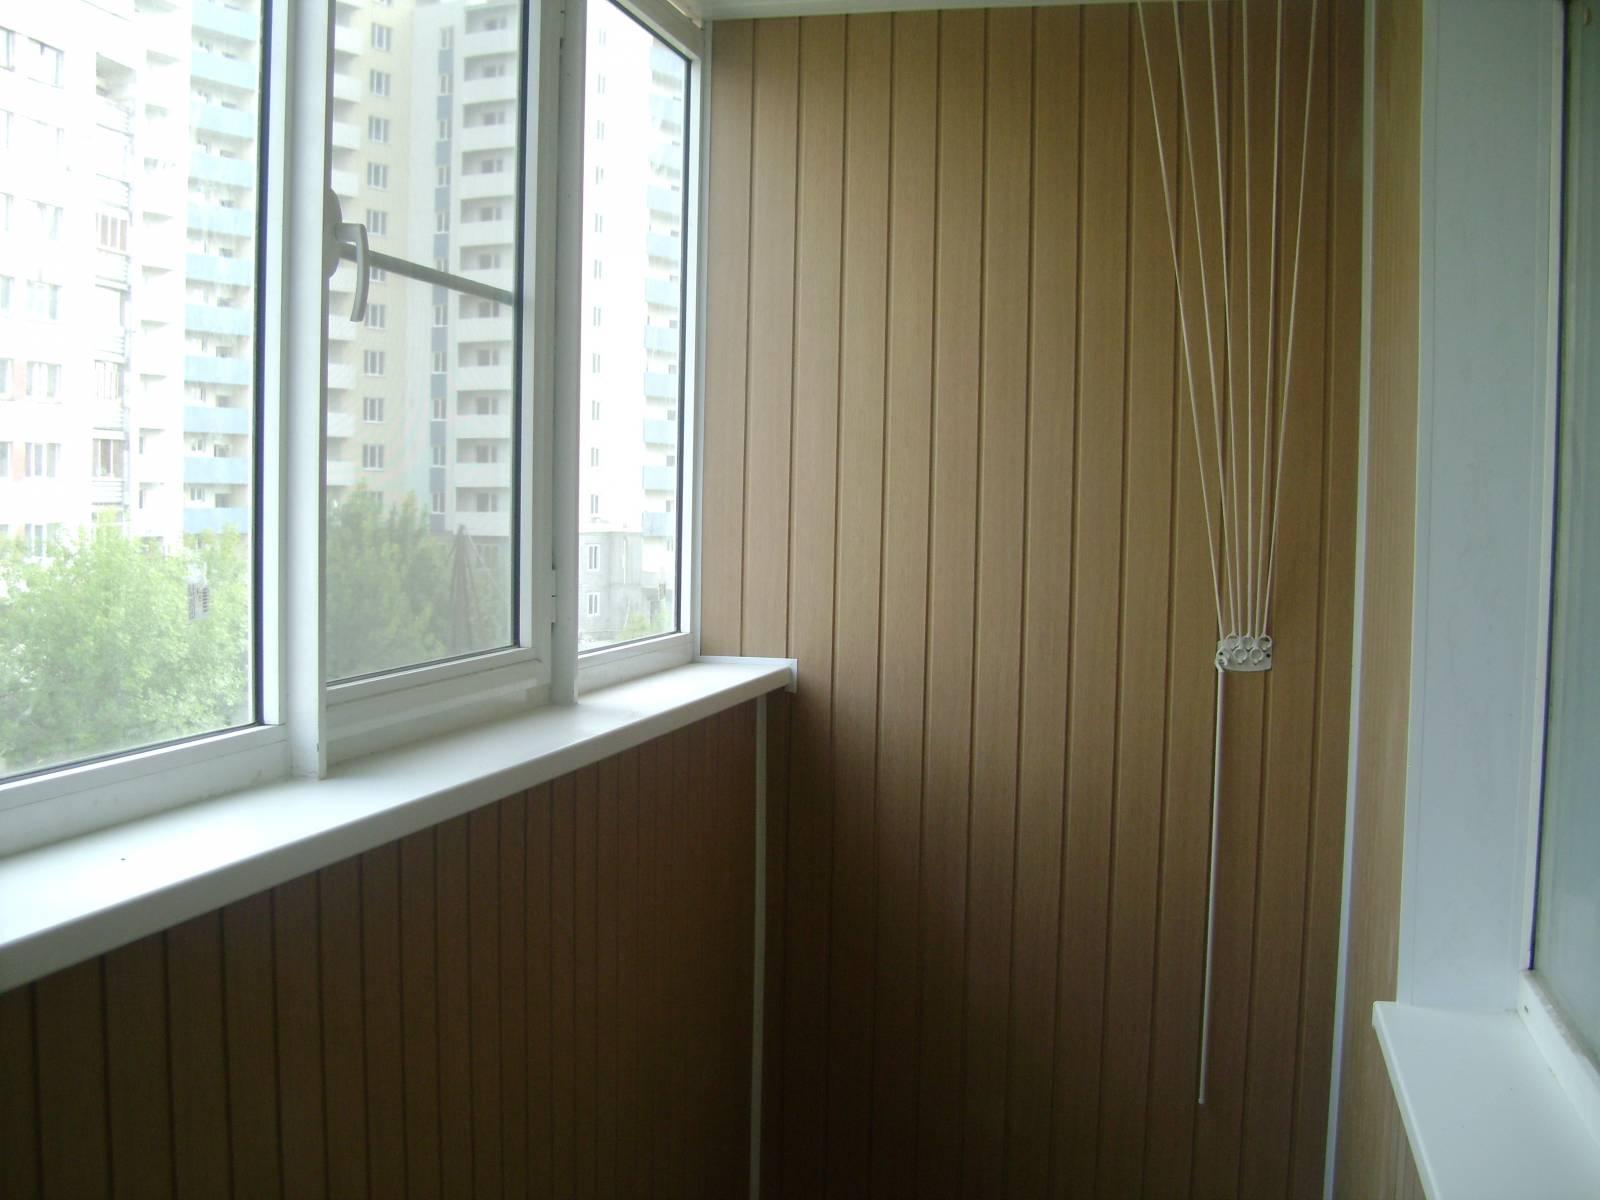 Внутренняя отделка балкона панель пвх.